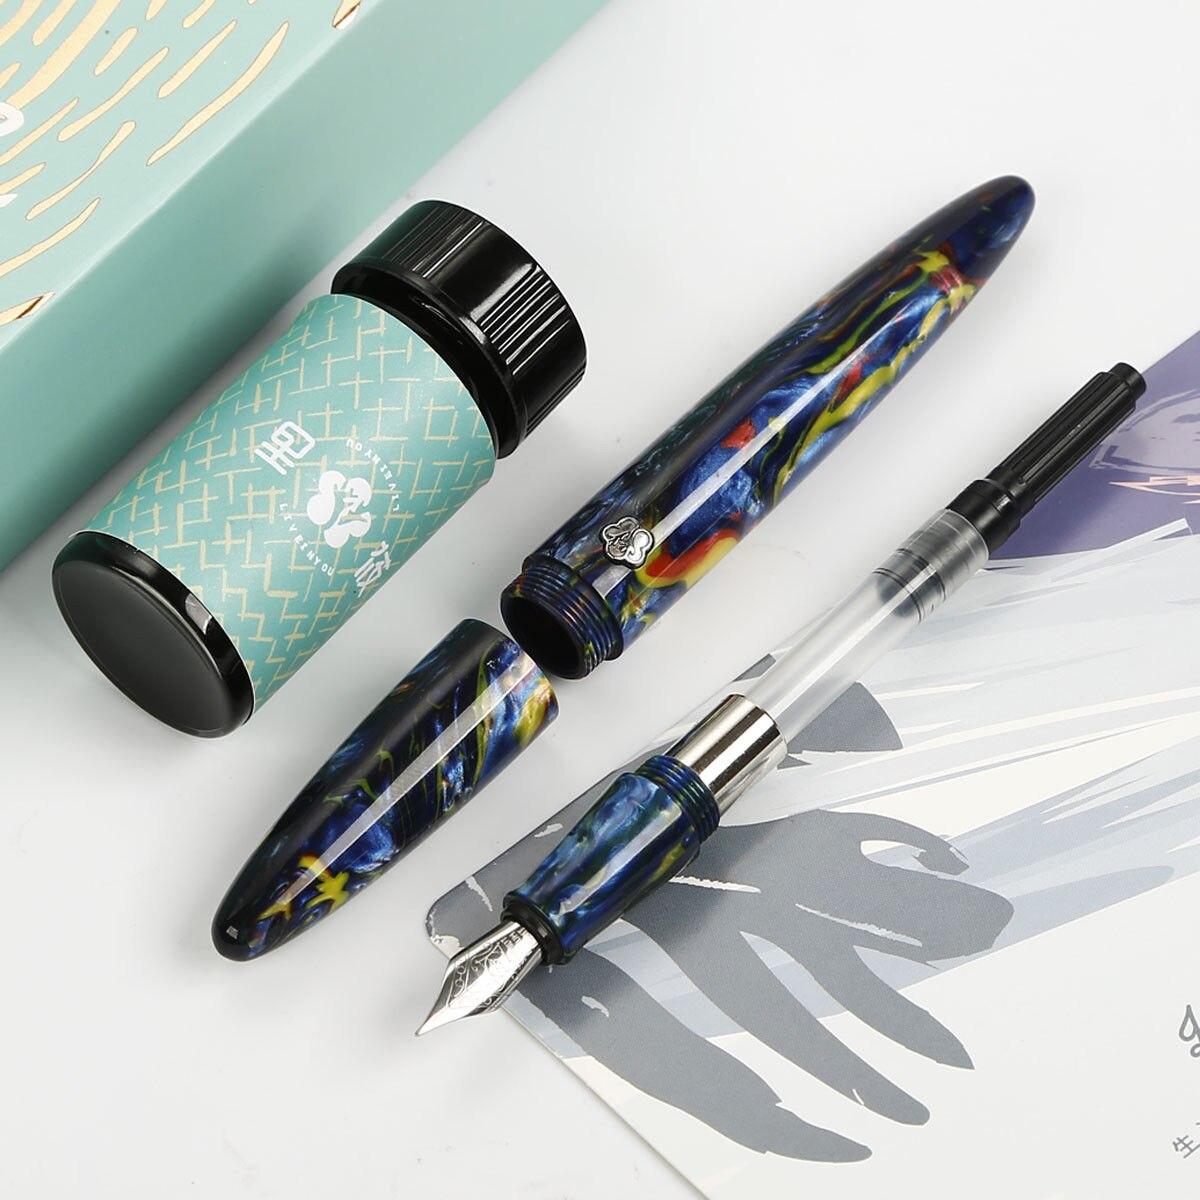 Résine acétate Fiber génial stylo plume Schmidt Fine plume écriture stylo ensemble pour cadeau entreprise Collection stylo cadeau